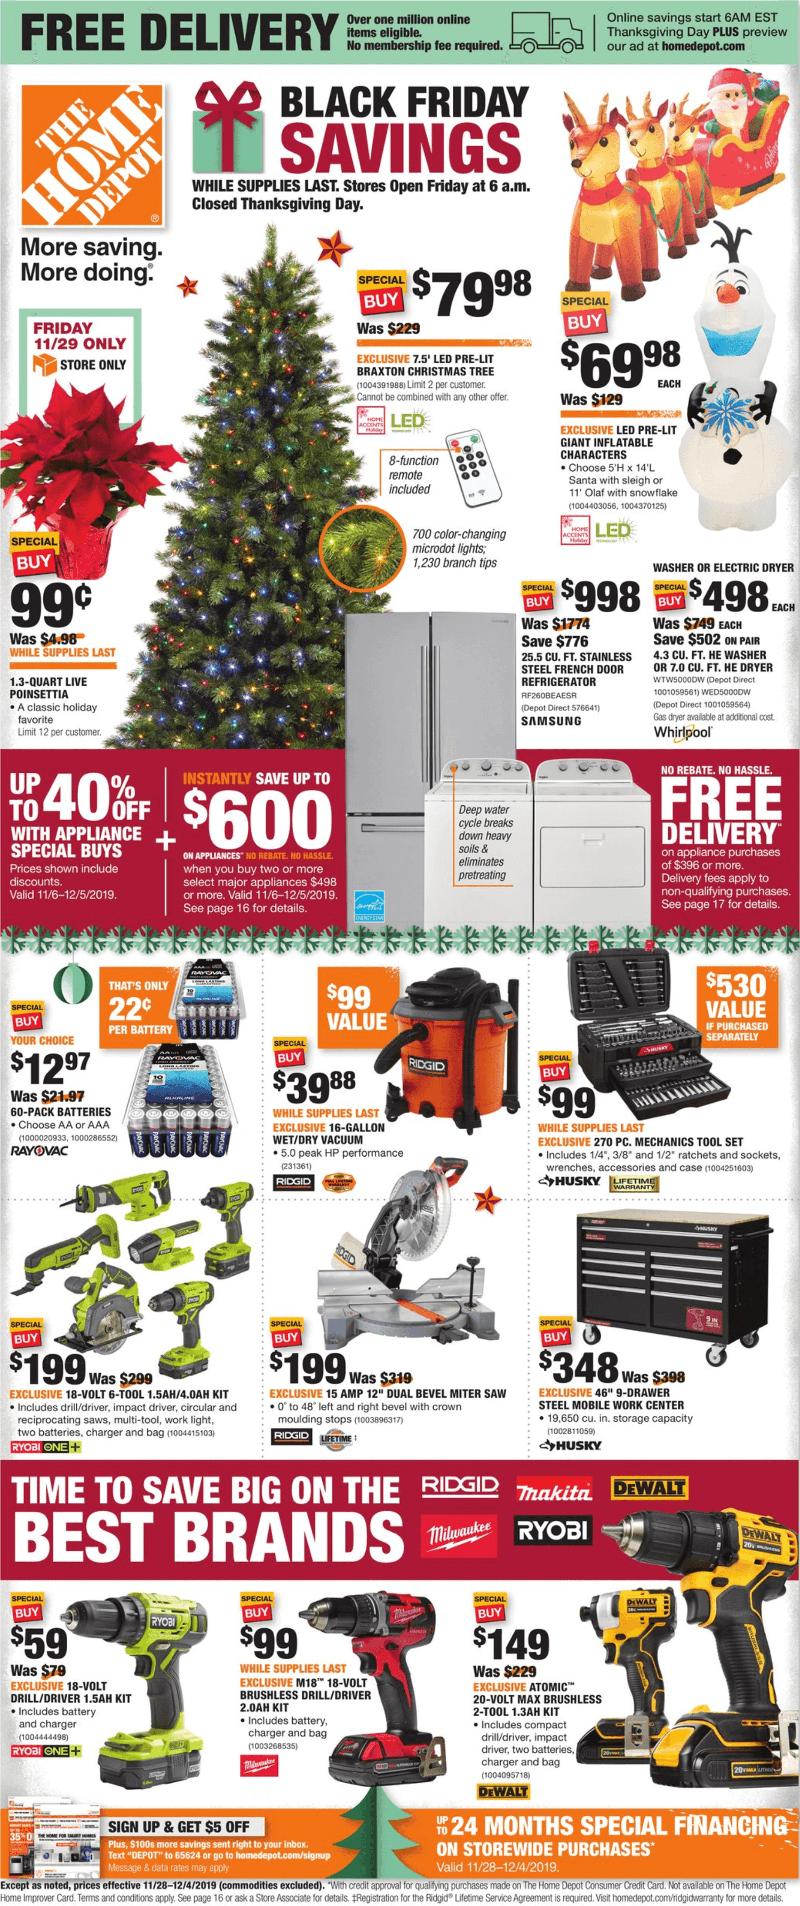 Black Friday 2020 Artificial Christmas Tree Deals Home Depot Black Friday 2020 Ad   Savings.com